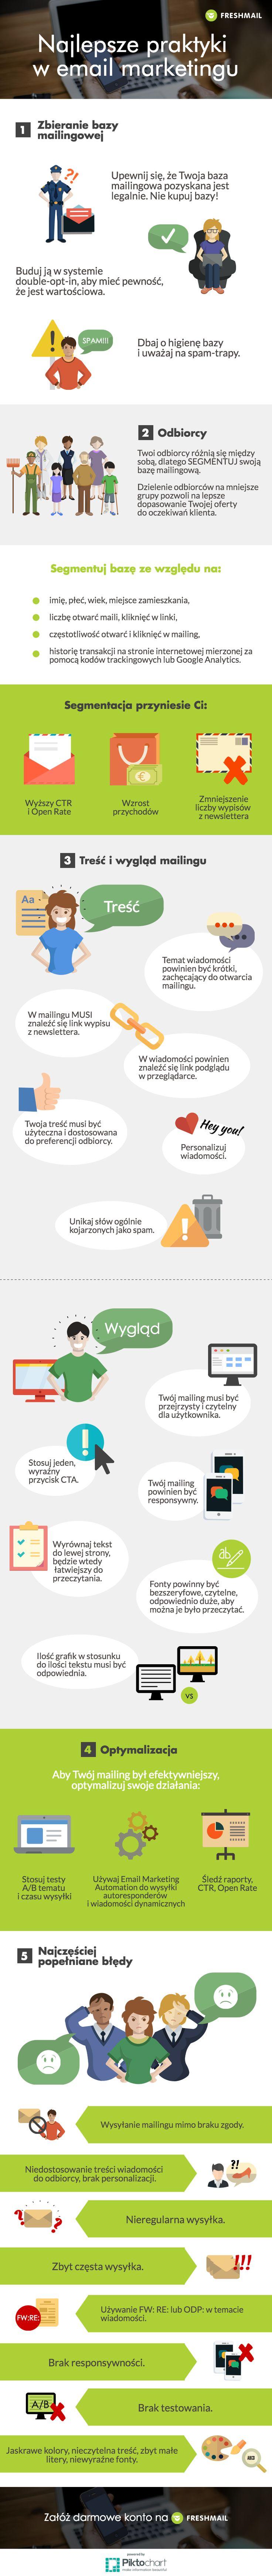 FreshMail - Najlepsze Praktyki w Email Marketingu - Infografika